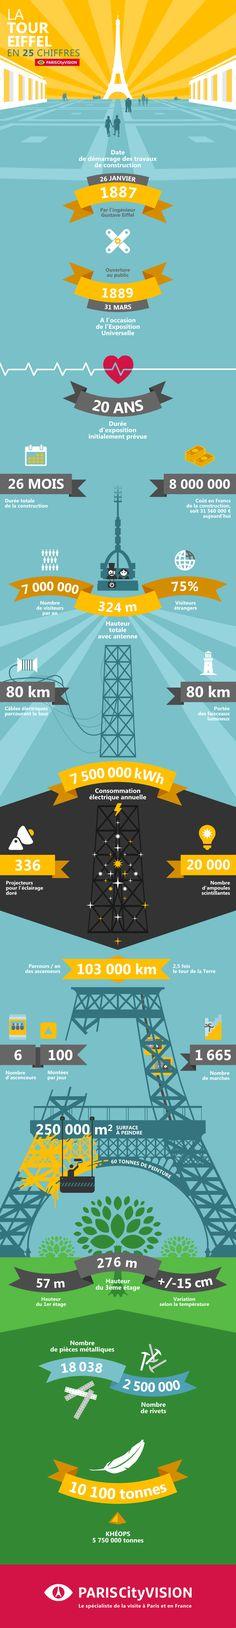 Infographie sur la Tour Eiffel